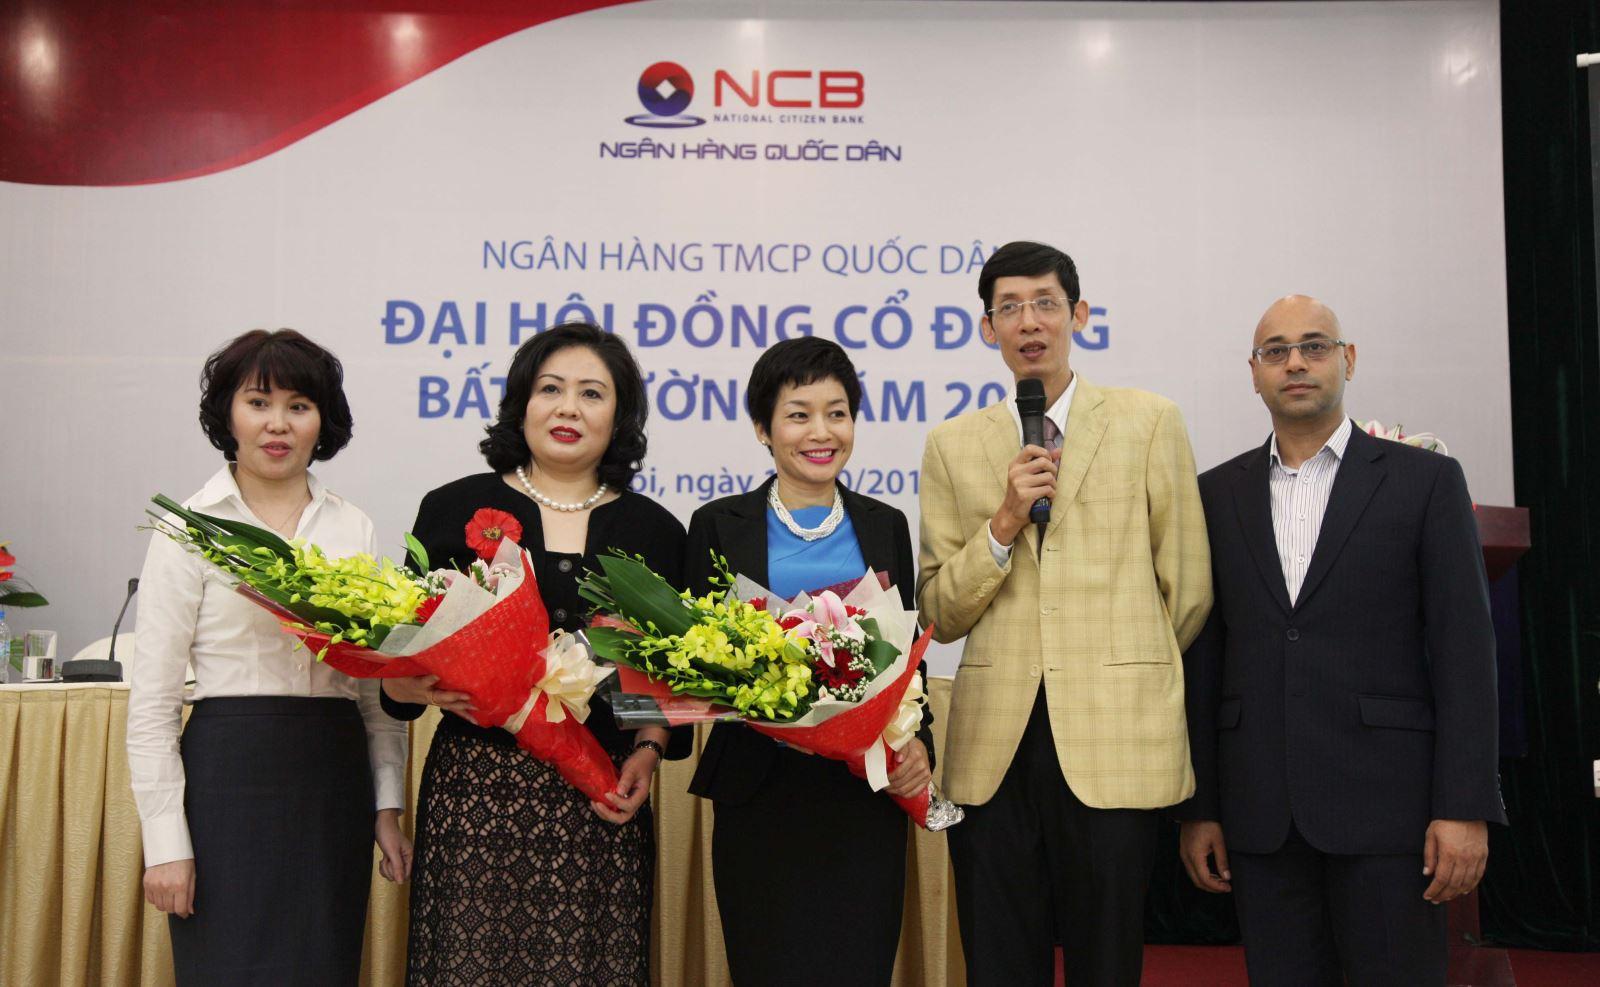 Ngân hàng Quốc dân họp cổ đông bất thường, bầu thành viên hội đồng quản trị